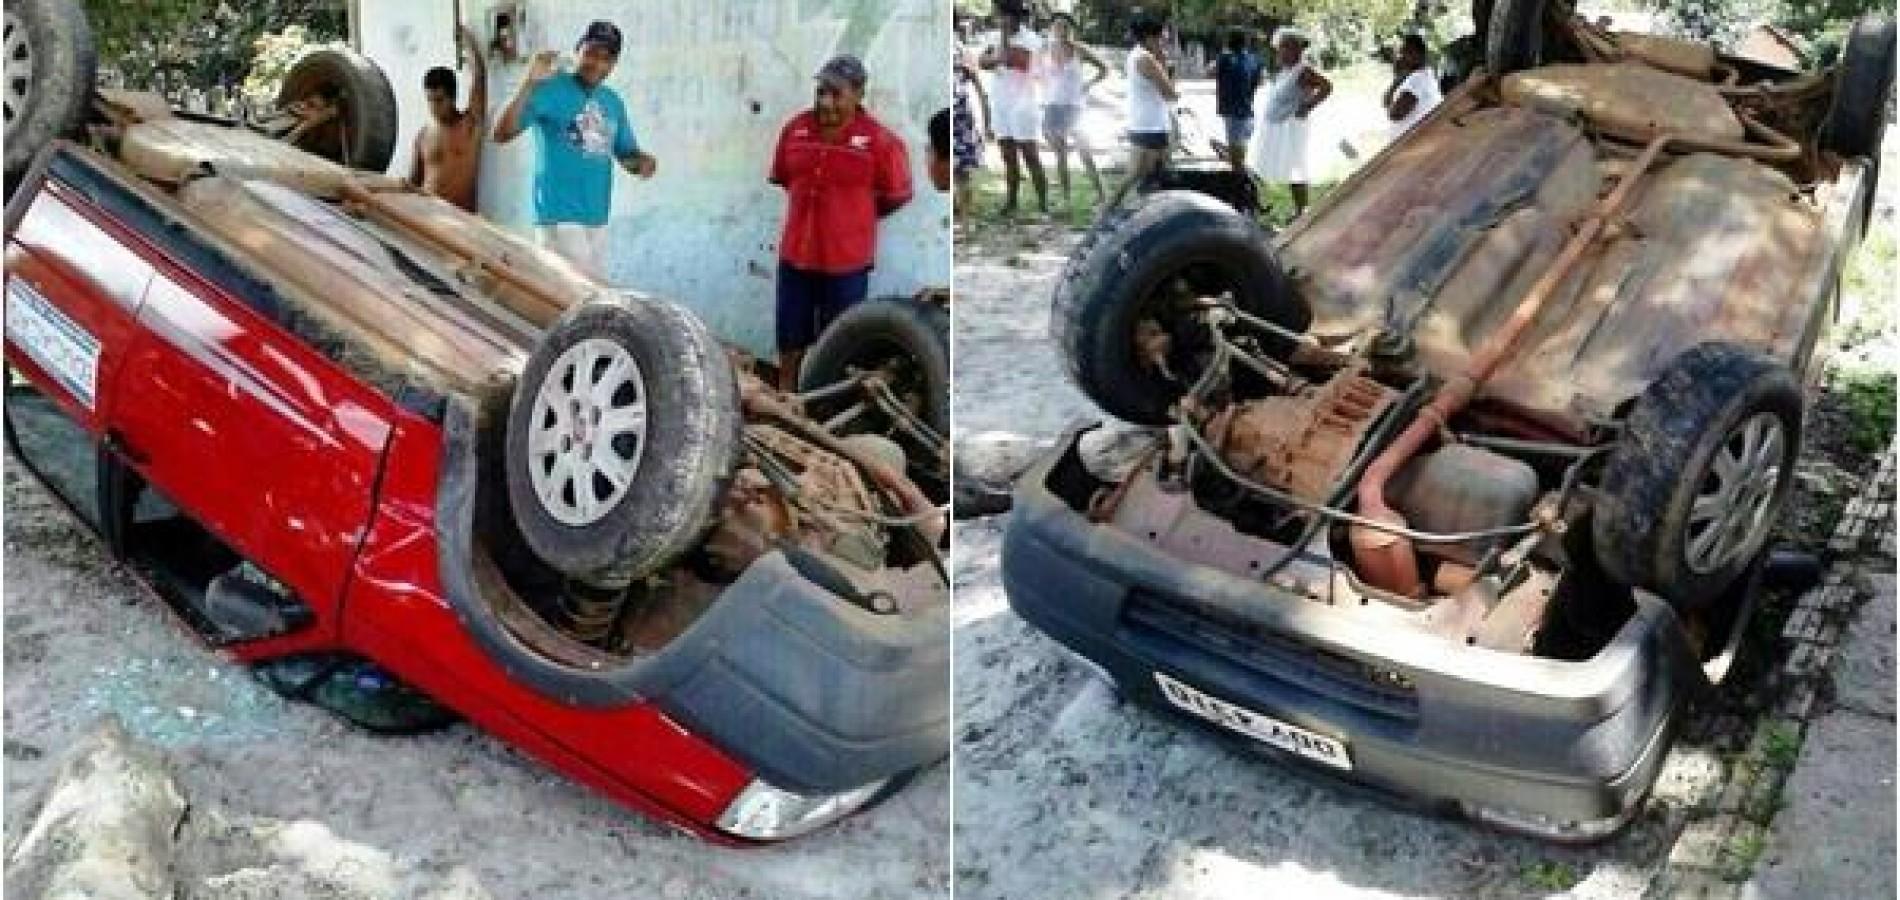 Prefeitura de Bocaina desconhece acidente envolvendo veículo oficial